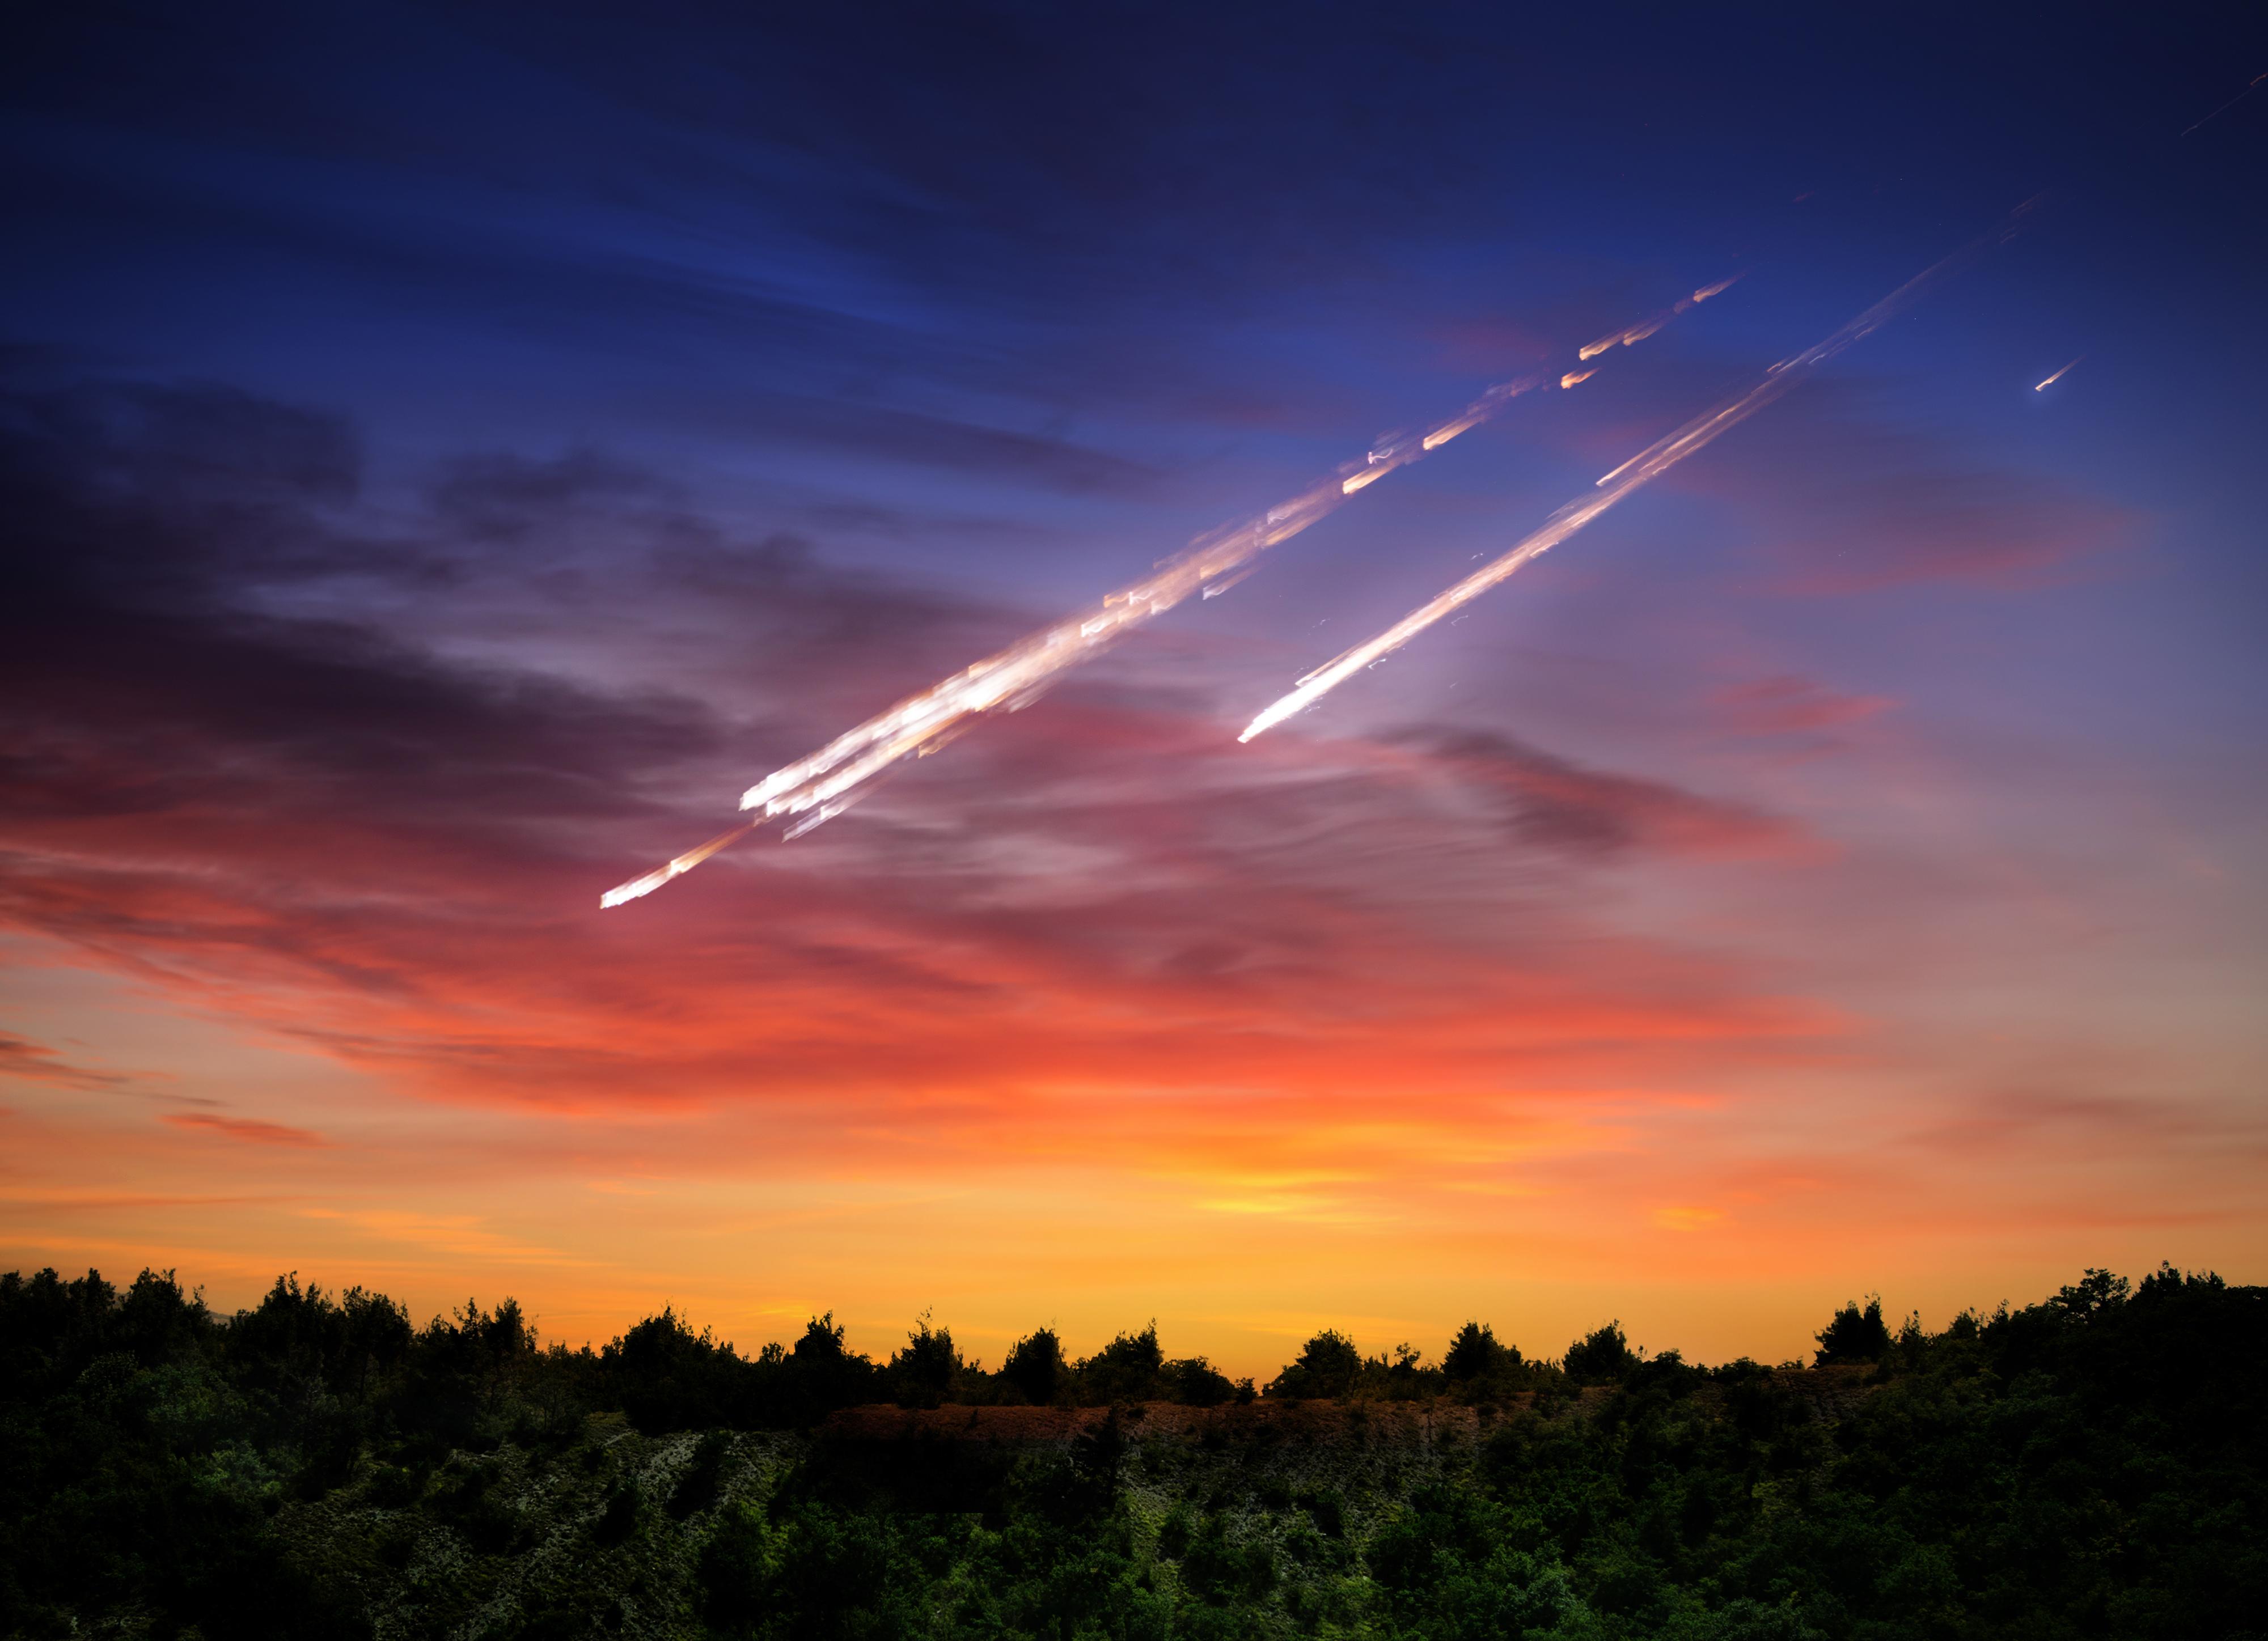 метеориты падающие на землю фото пребывание этом